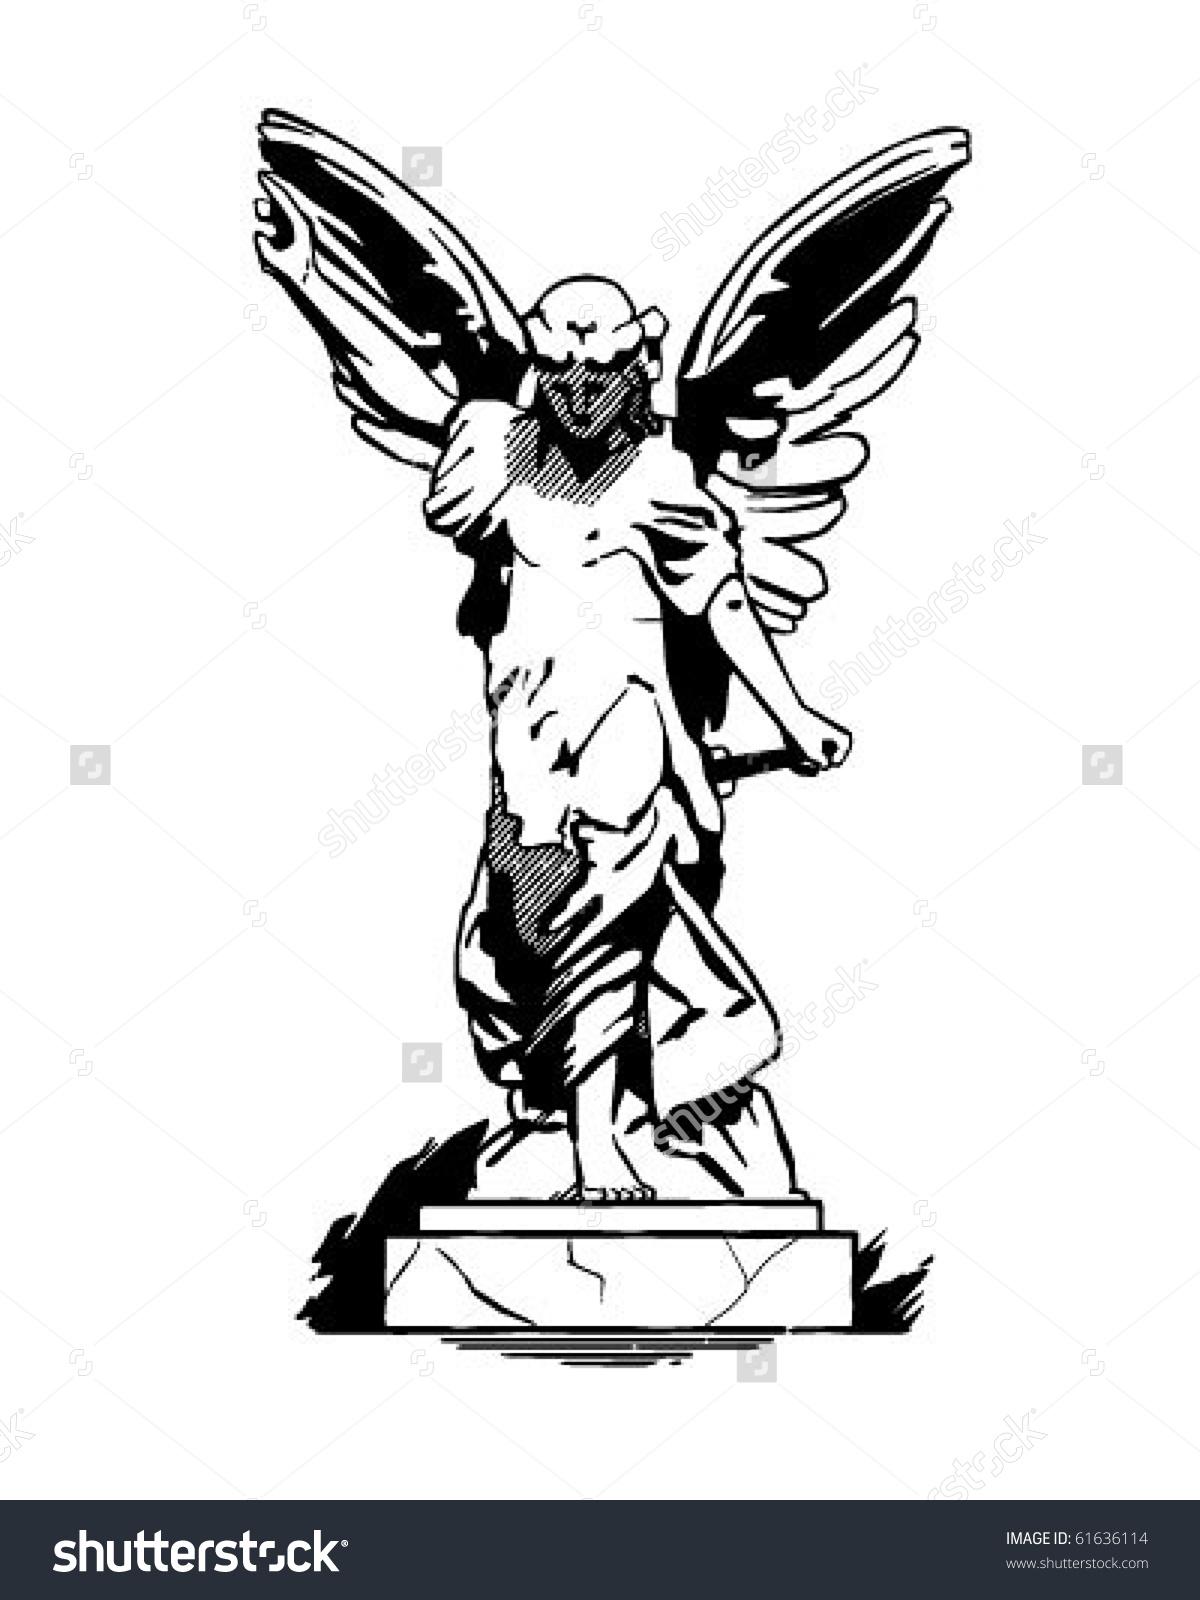 Angel Statue Retro Clip Art Stock Vector 61636114.